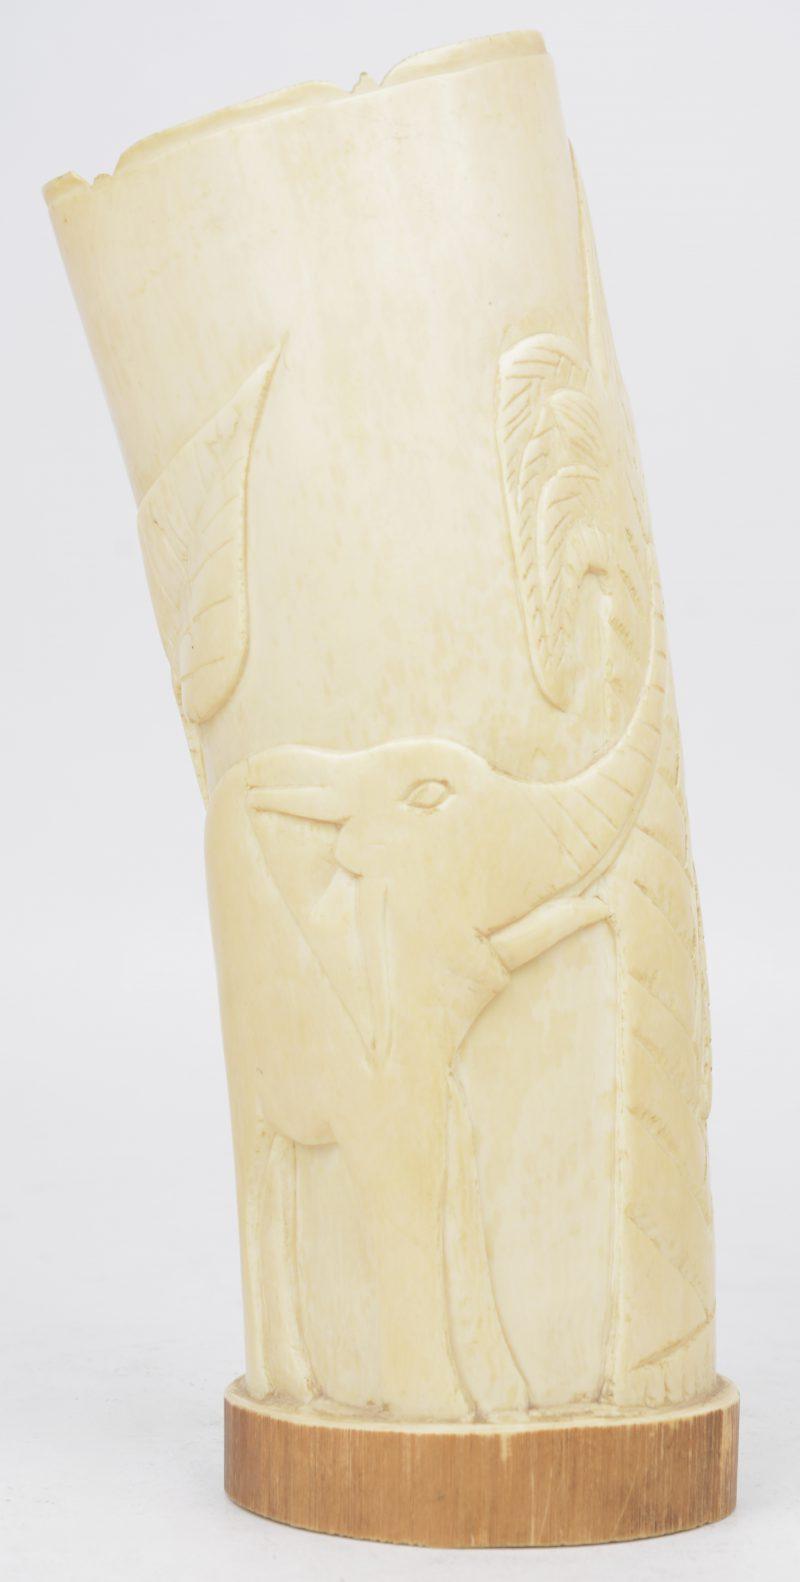 Een vaas van gesculpteerd ivoor met een decor van olifanten en bomen. Kongo, eerste helft XXste eeuw.